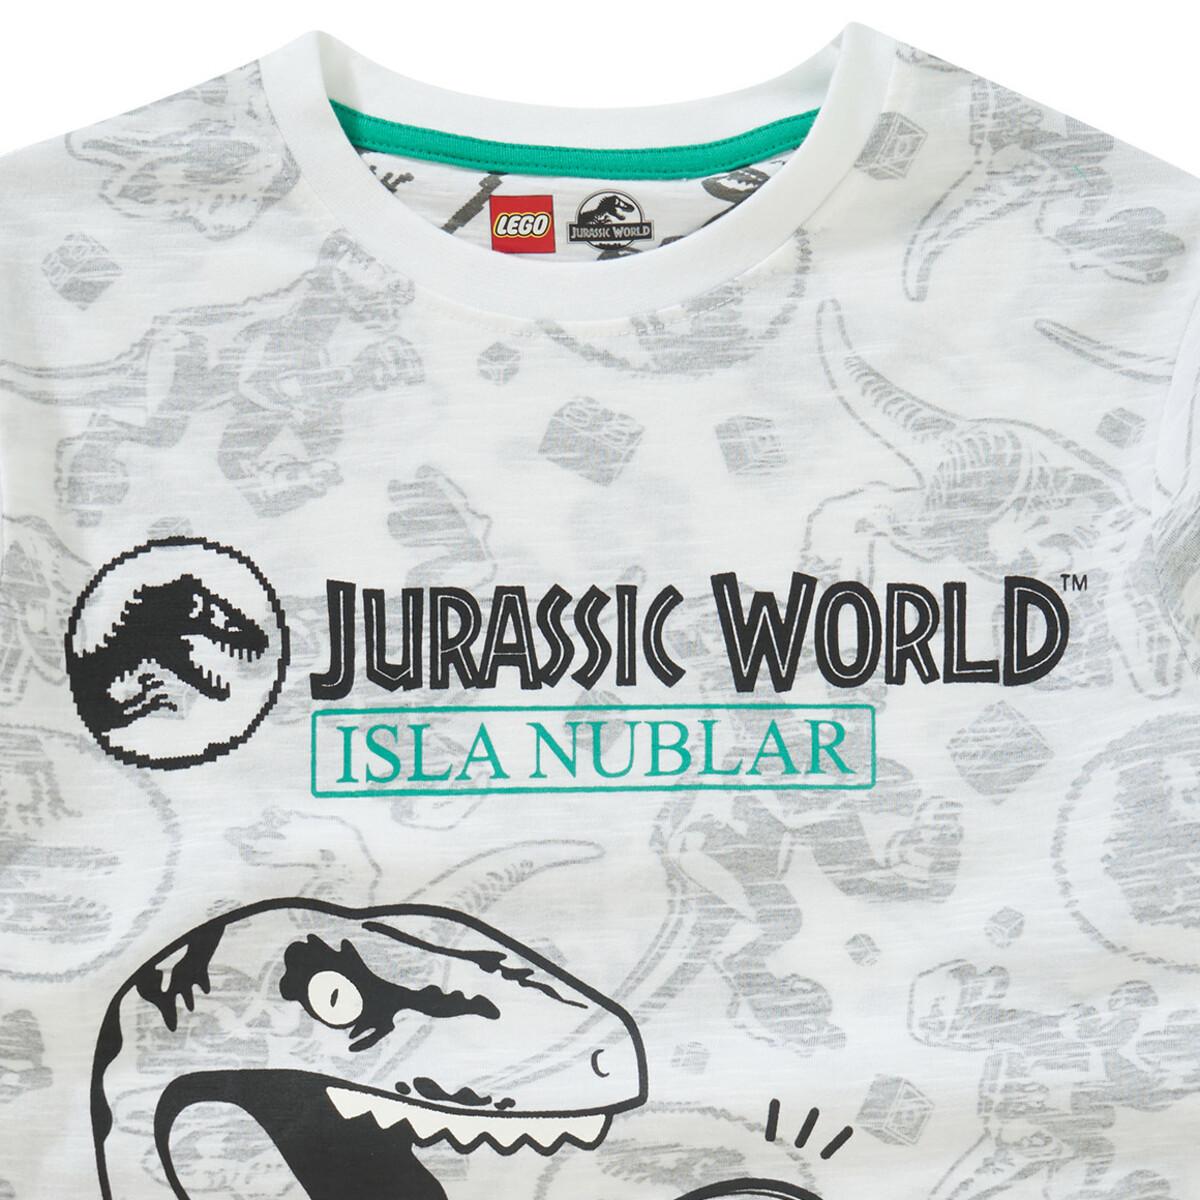 Bild 2 von LEGO Jurassic World T-Shirt